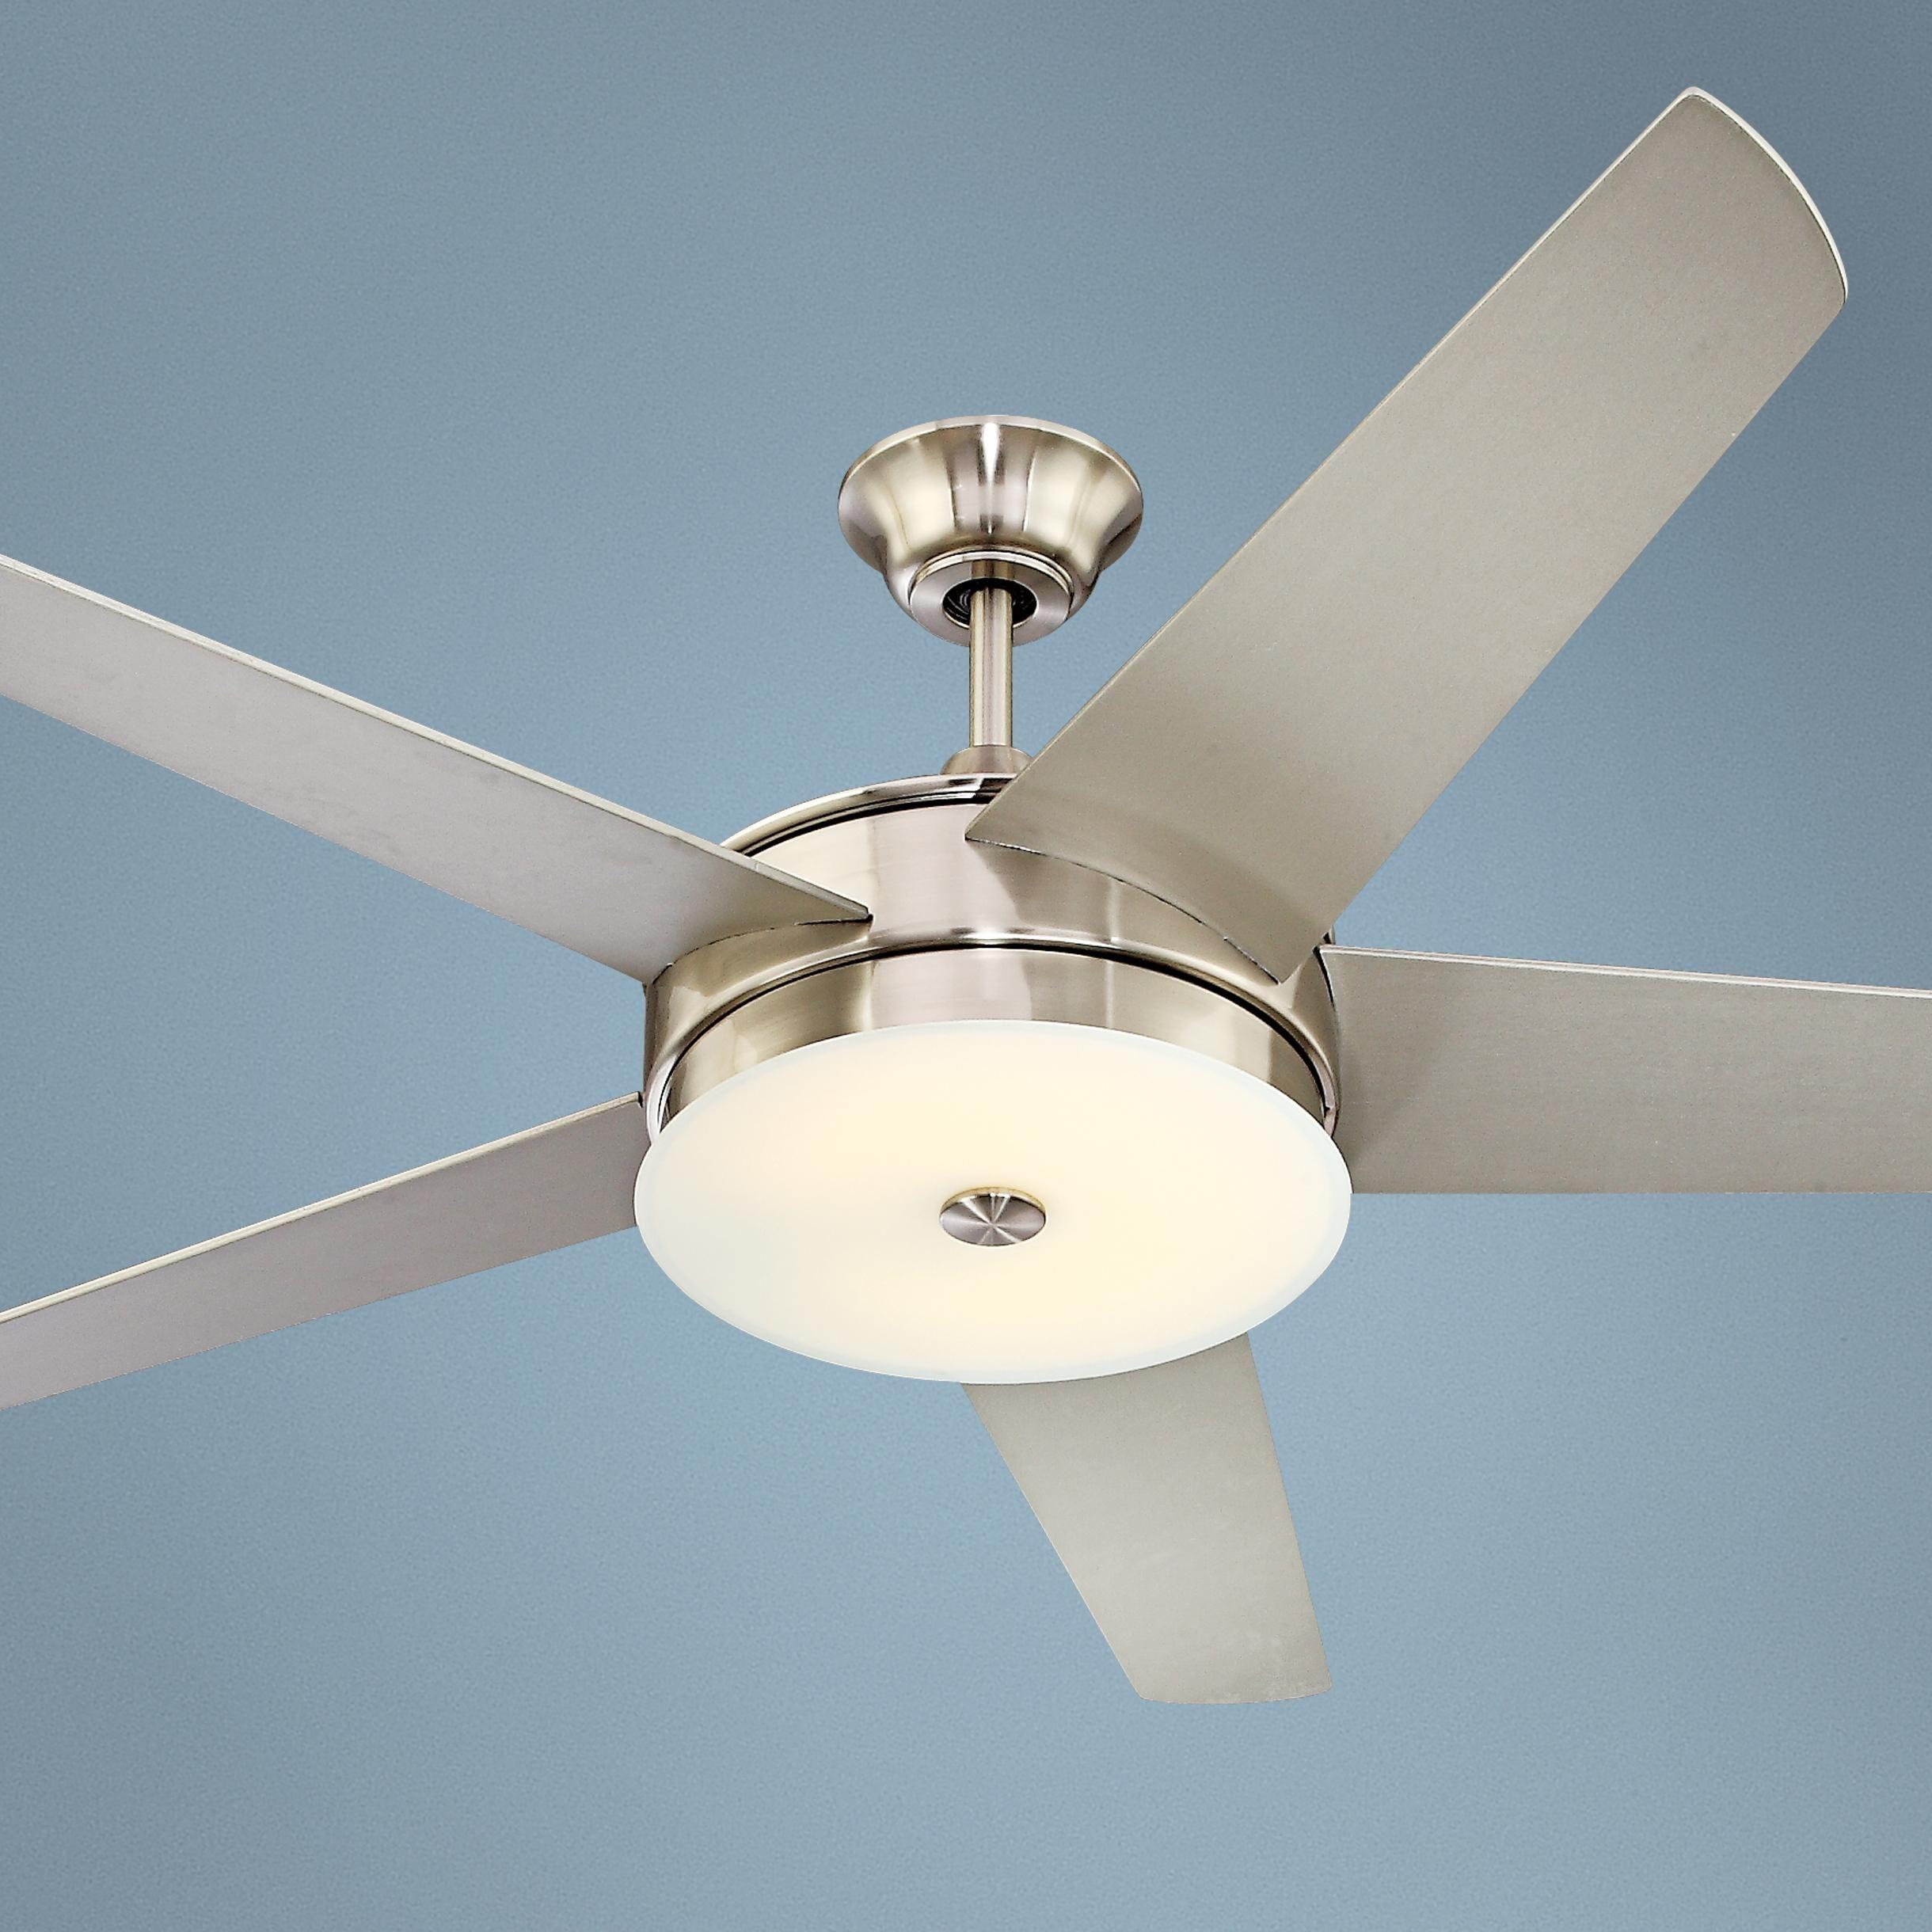 60 Possini Euro Design Edge Ceiling Fan Lighting Pinterest